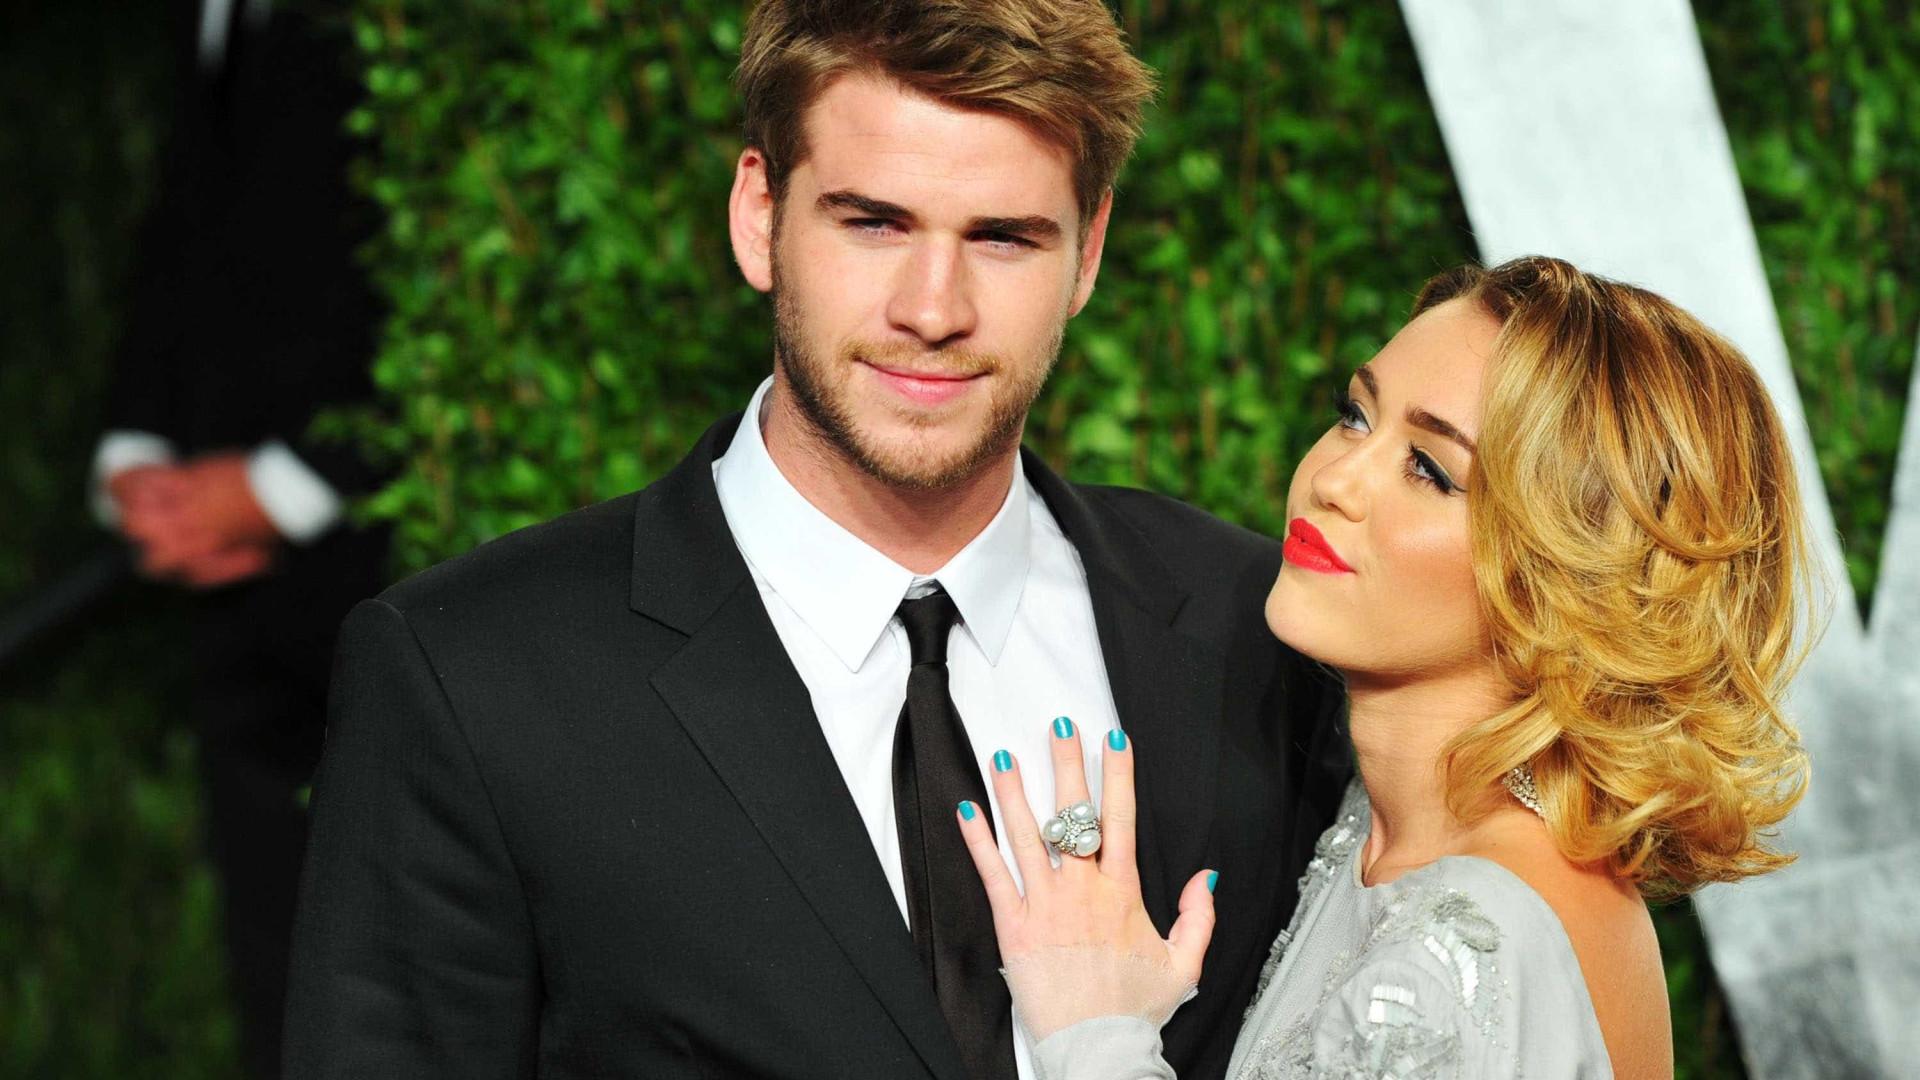 Fim do noivado? Miley Cyrus e Liam Hemsworth põem fim a rumores com vídeo